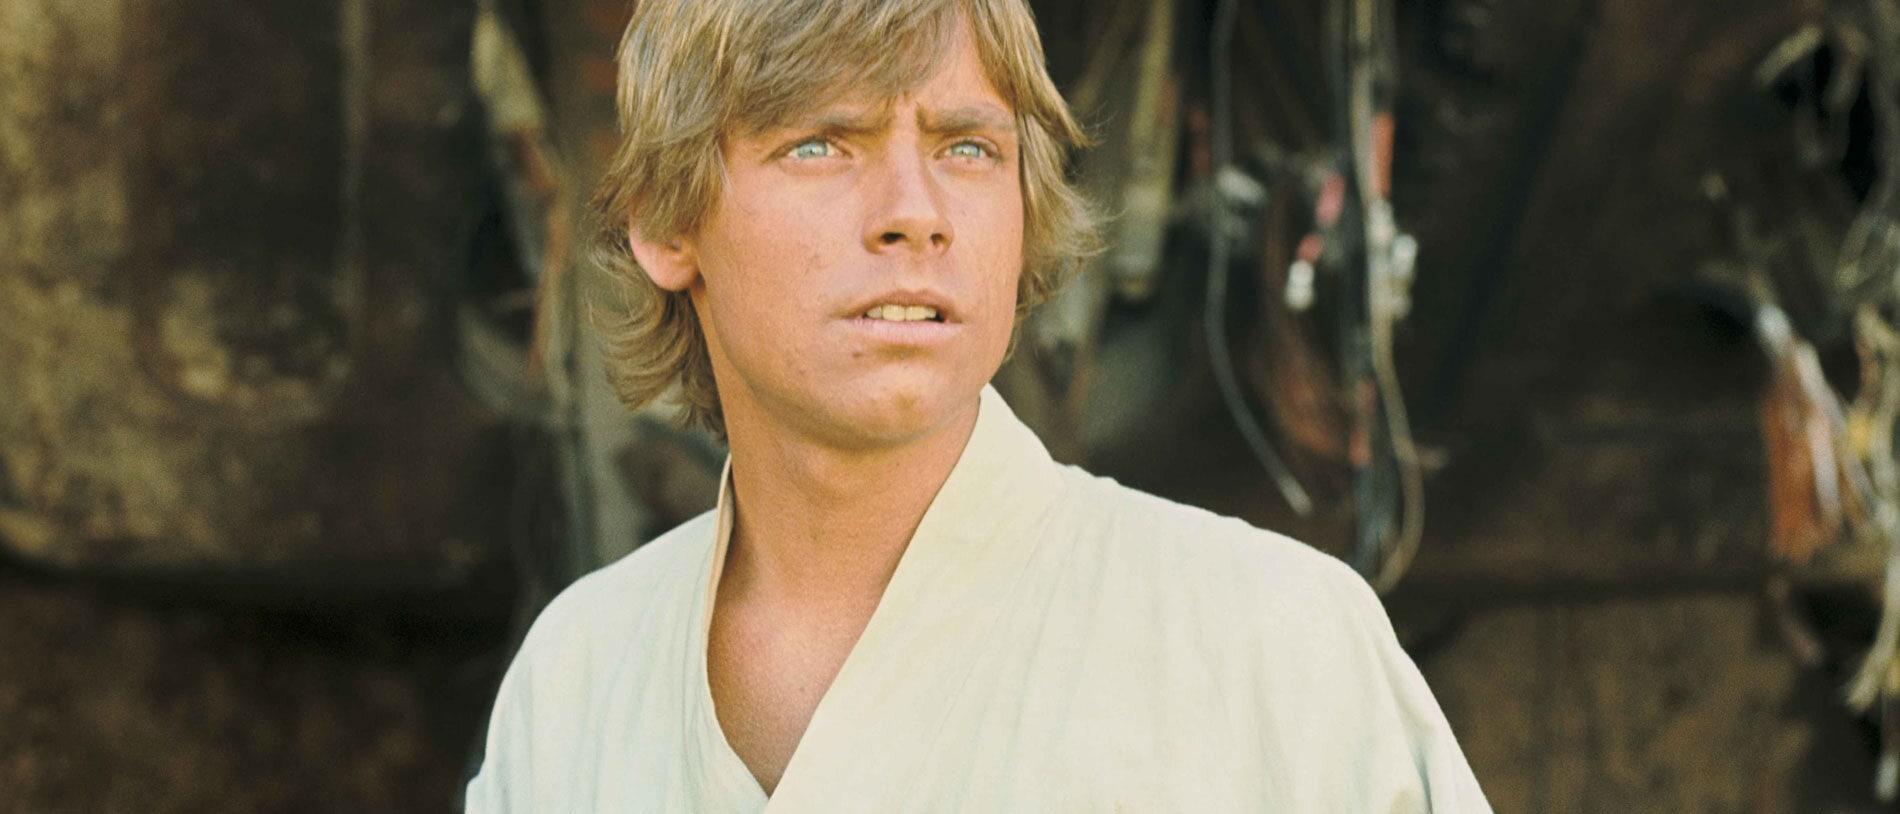 Luke-Skywalker-Star-Wars-Show-Spinoff Mark Hamill